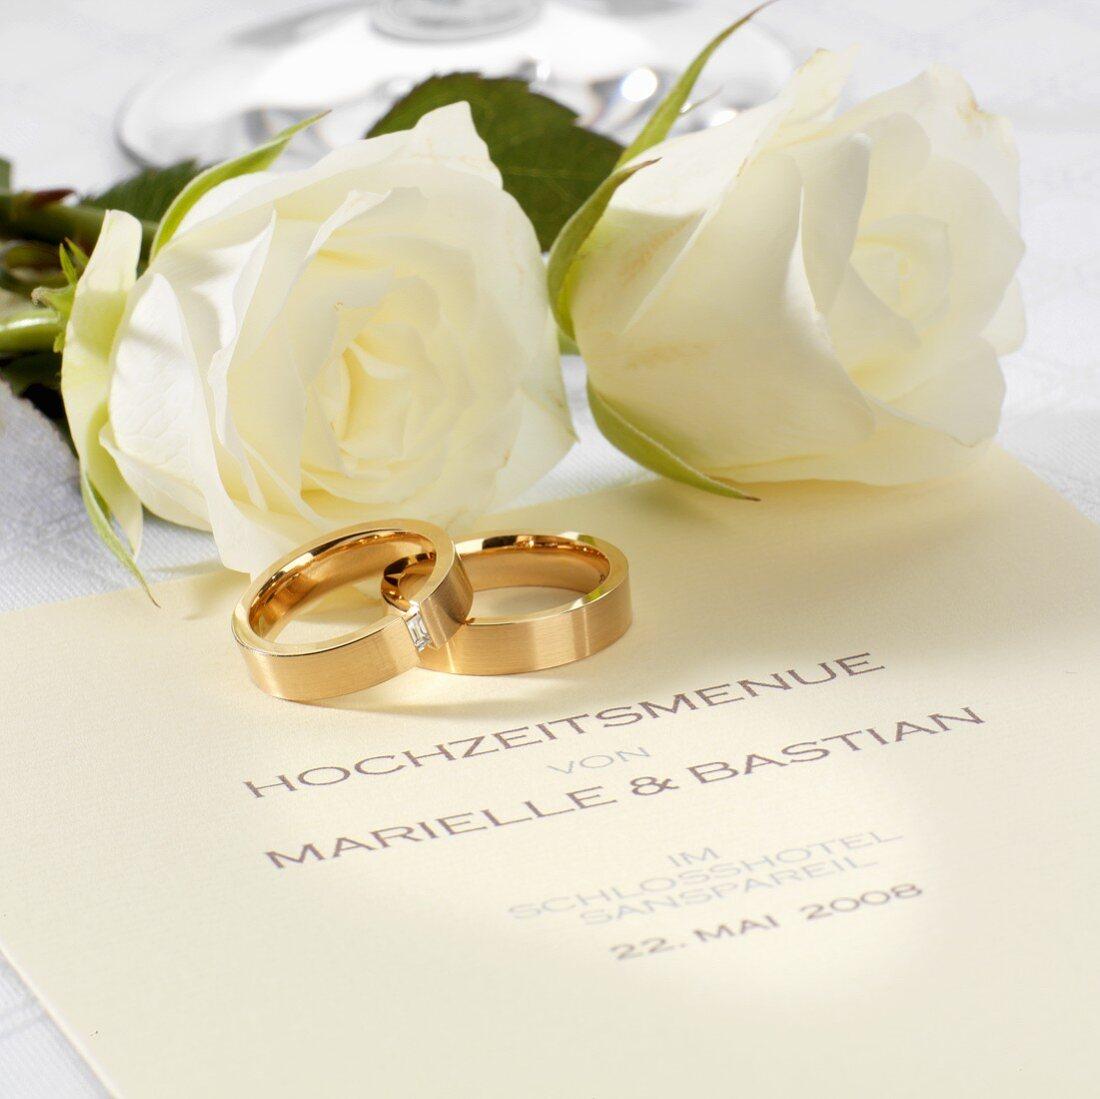 Wedding menu, wedding rings and white roses